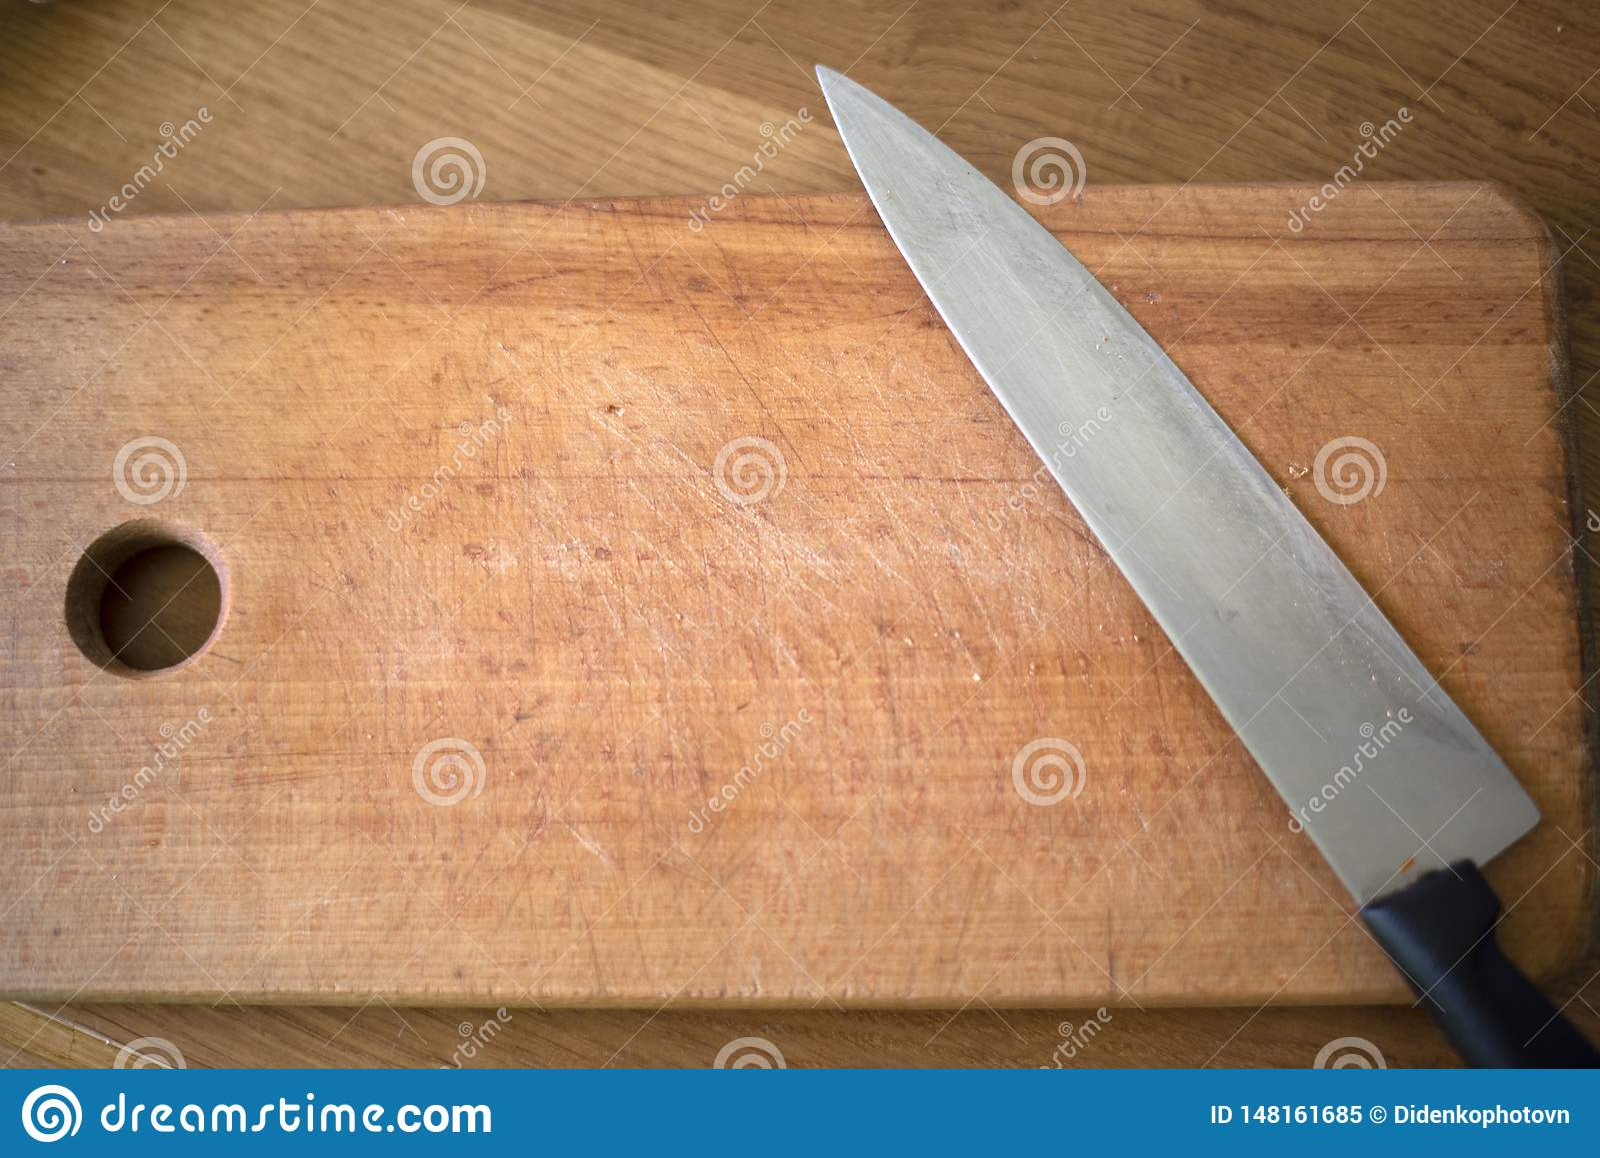 Det finns en kniv på brädet